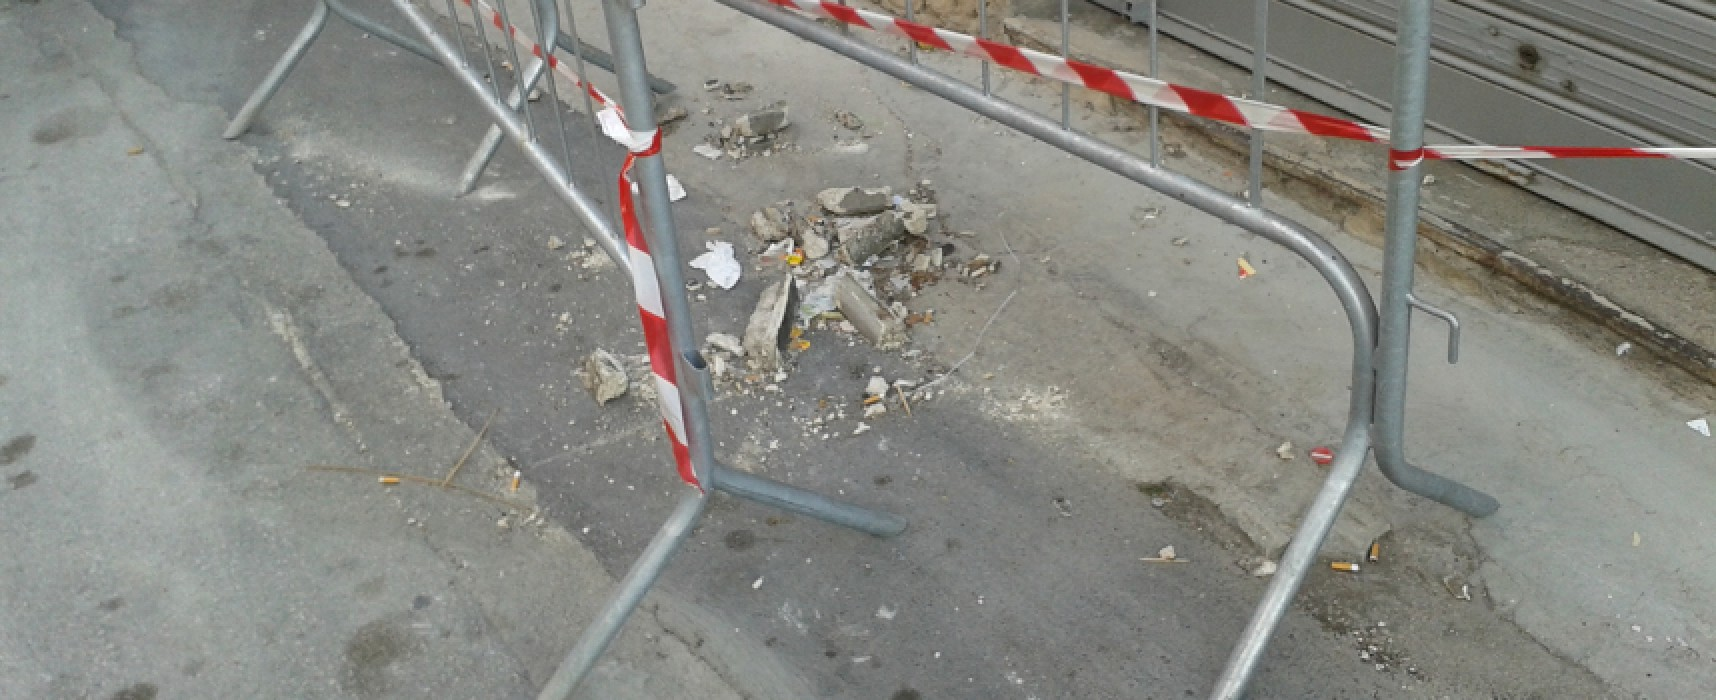 Calcinacci e vetri rotti, ordinanza dispone lavori urgenti in via Guarini e via Abate Bruni